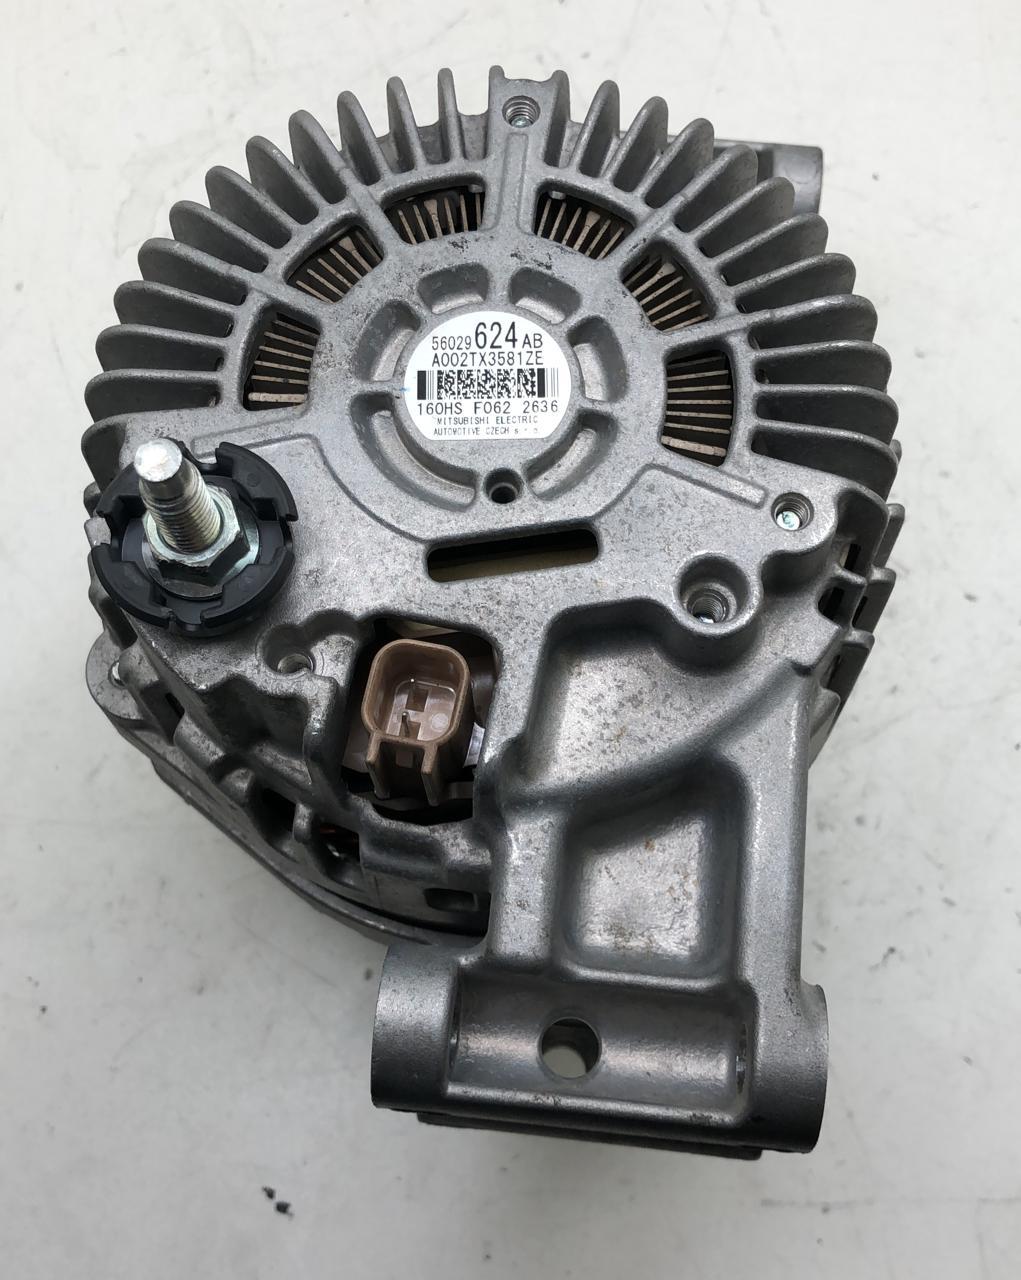 Alternador Jeep Compass 56029624ab A002tx3581ze